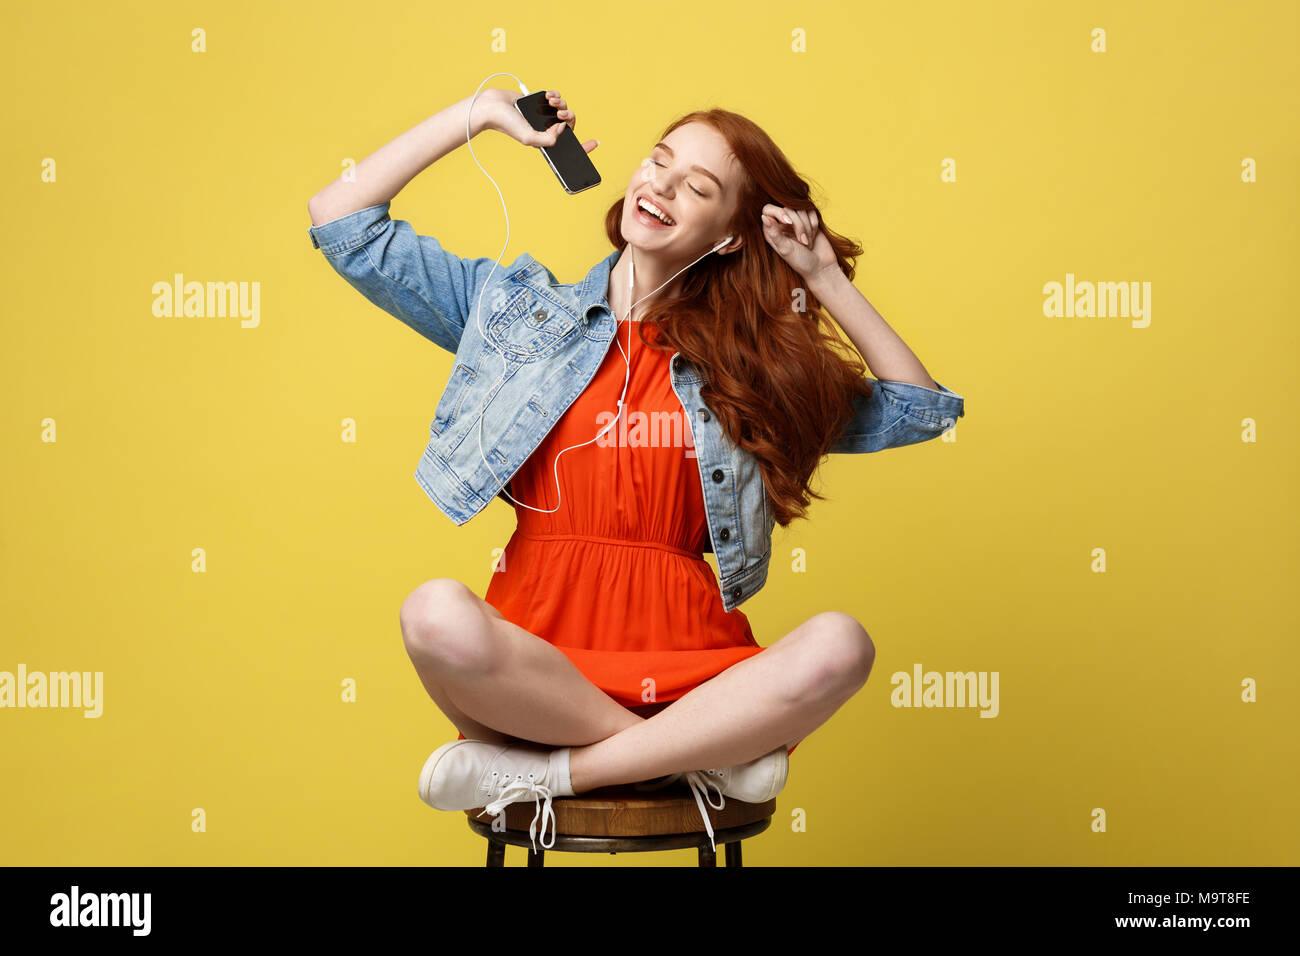 image Singing while sitting on the vibrators